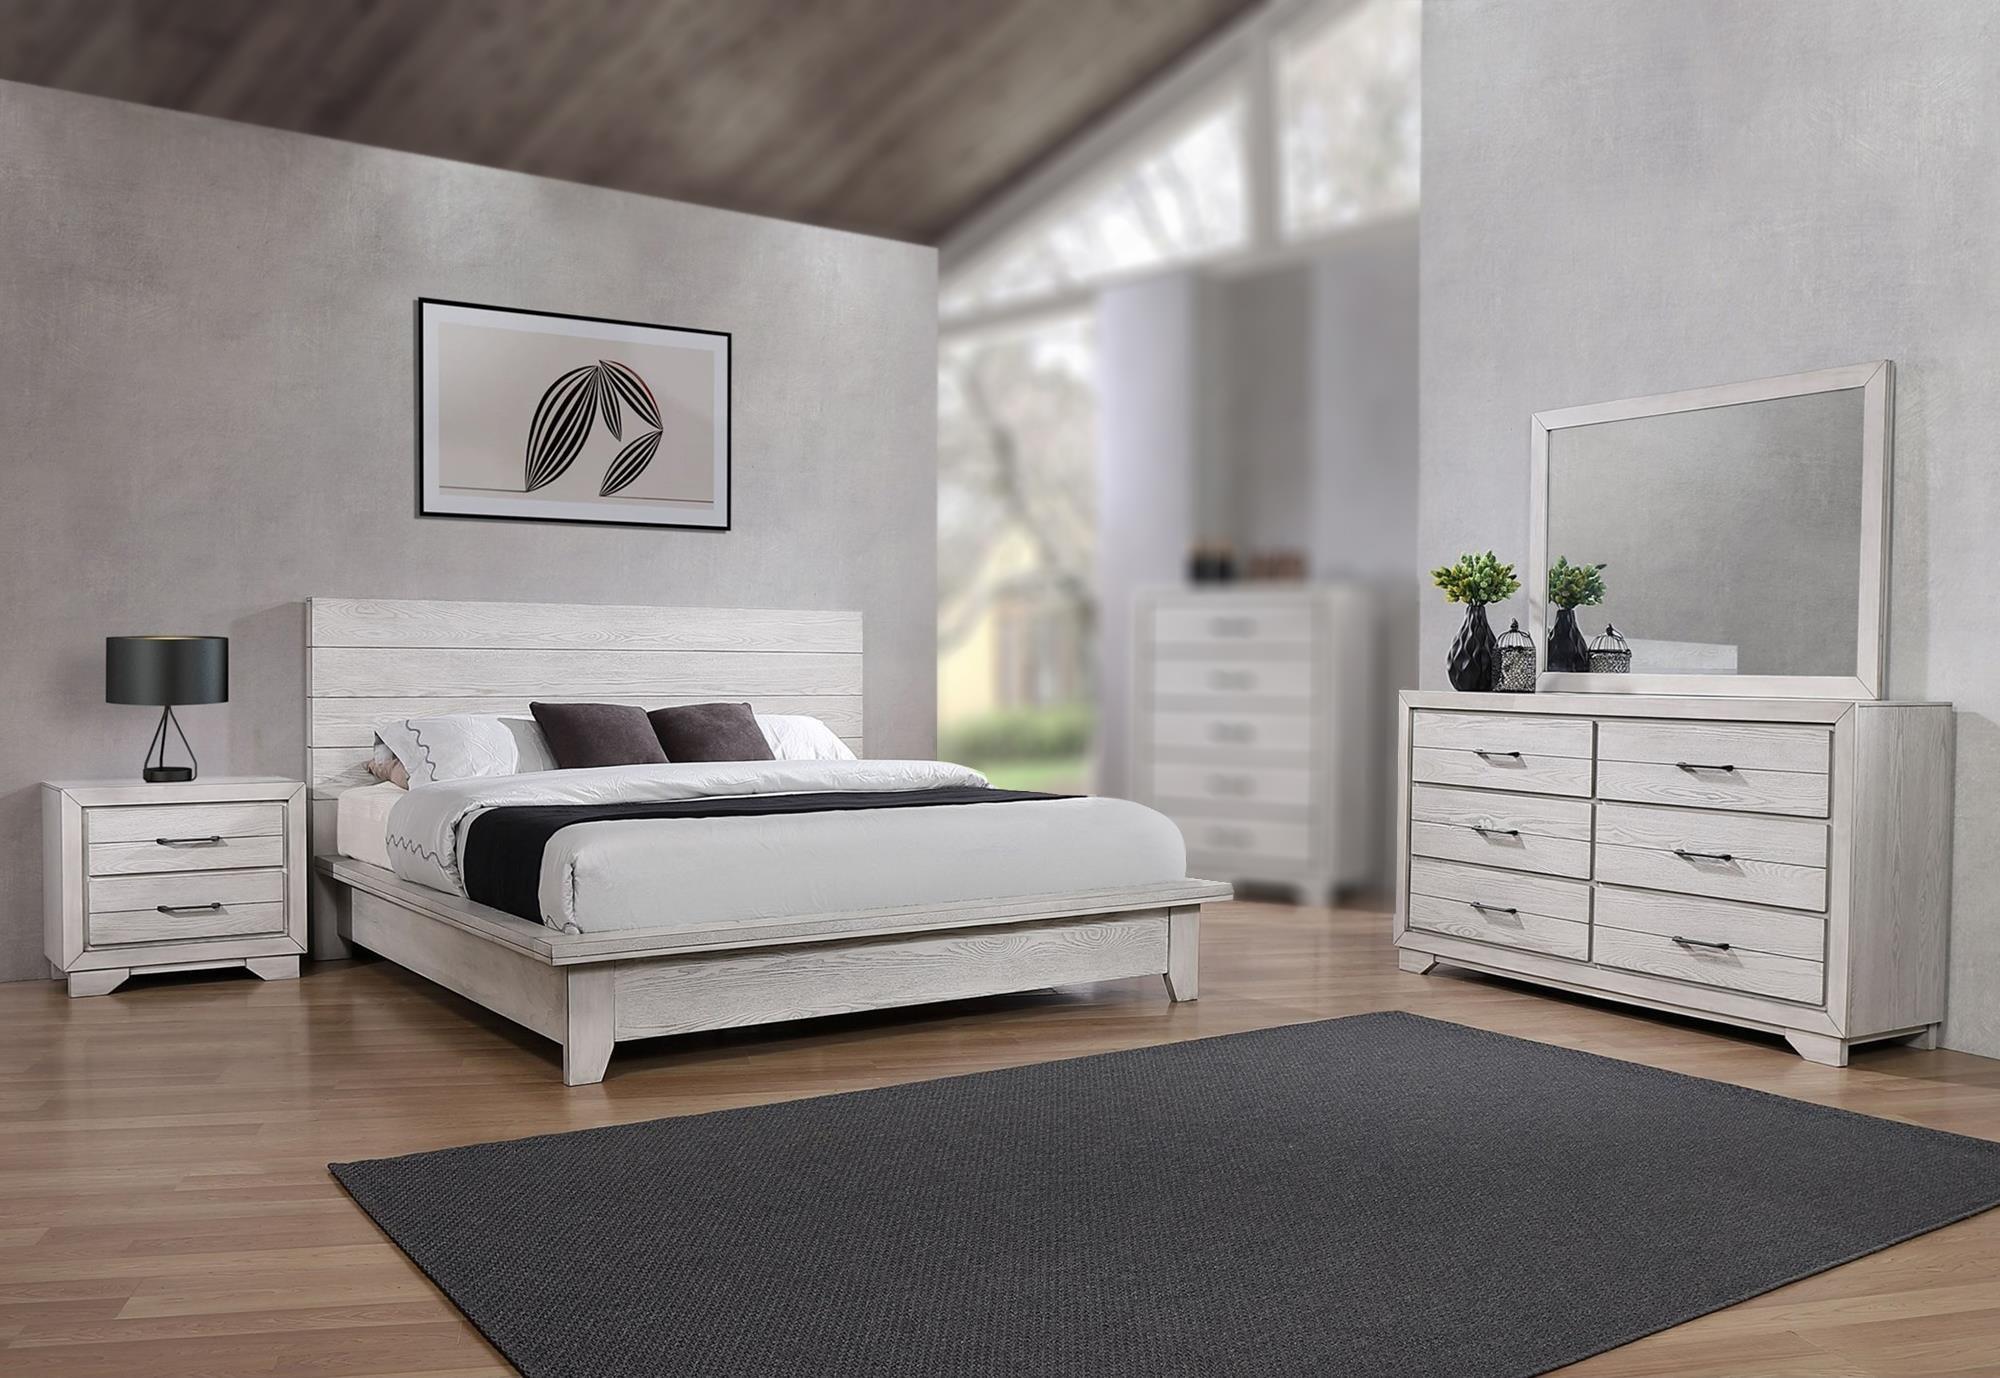 Stoneridge 4PC Queen Bedroom Set at Rotmans